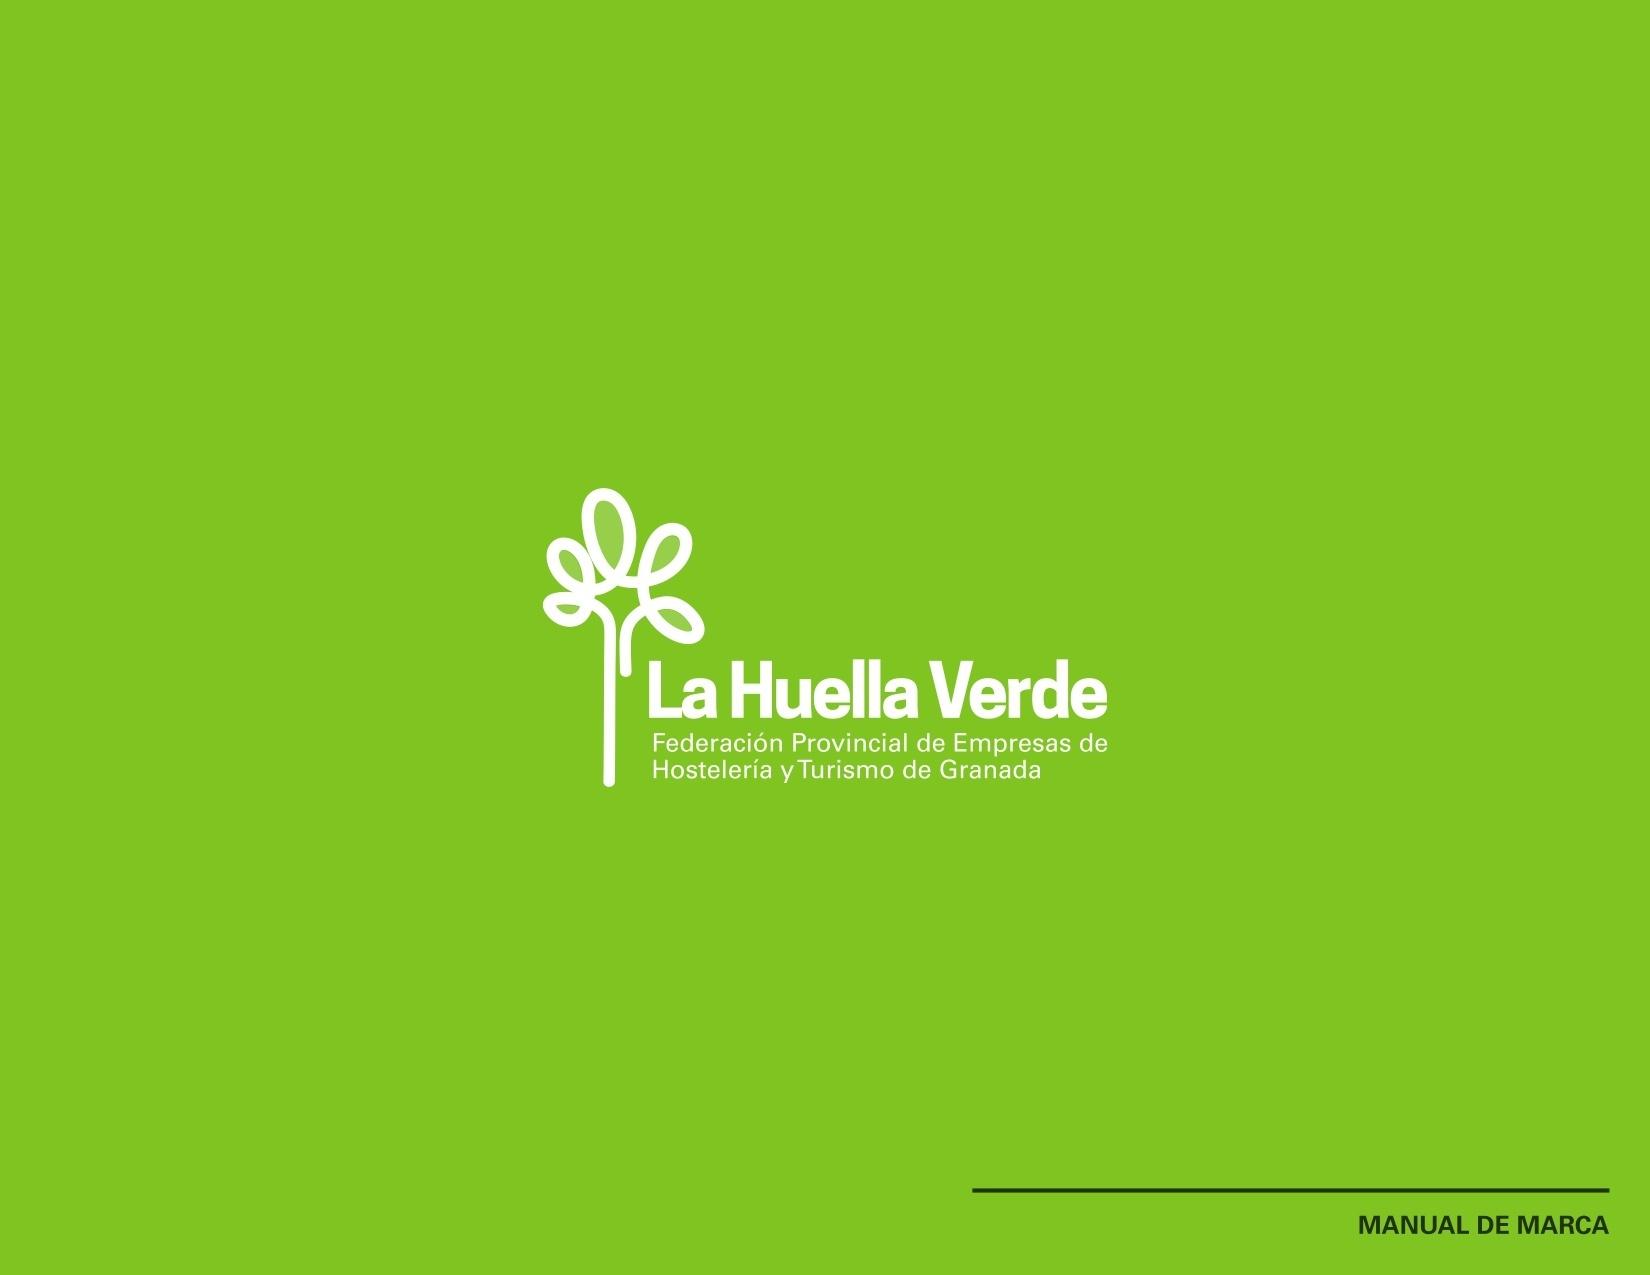 la huella verde movimiento sostenible en granada